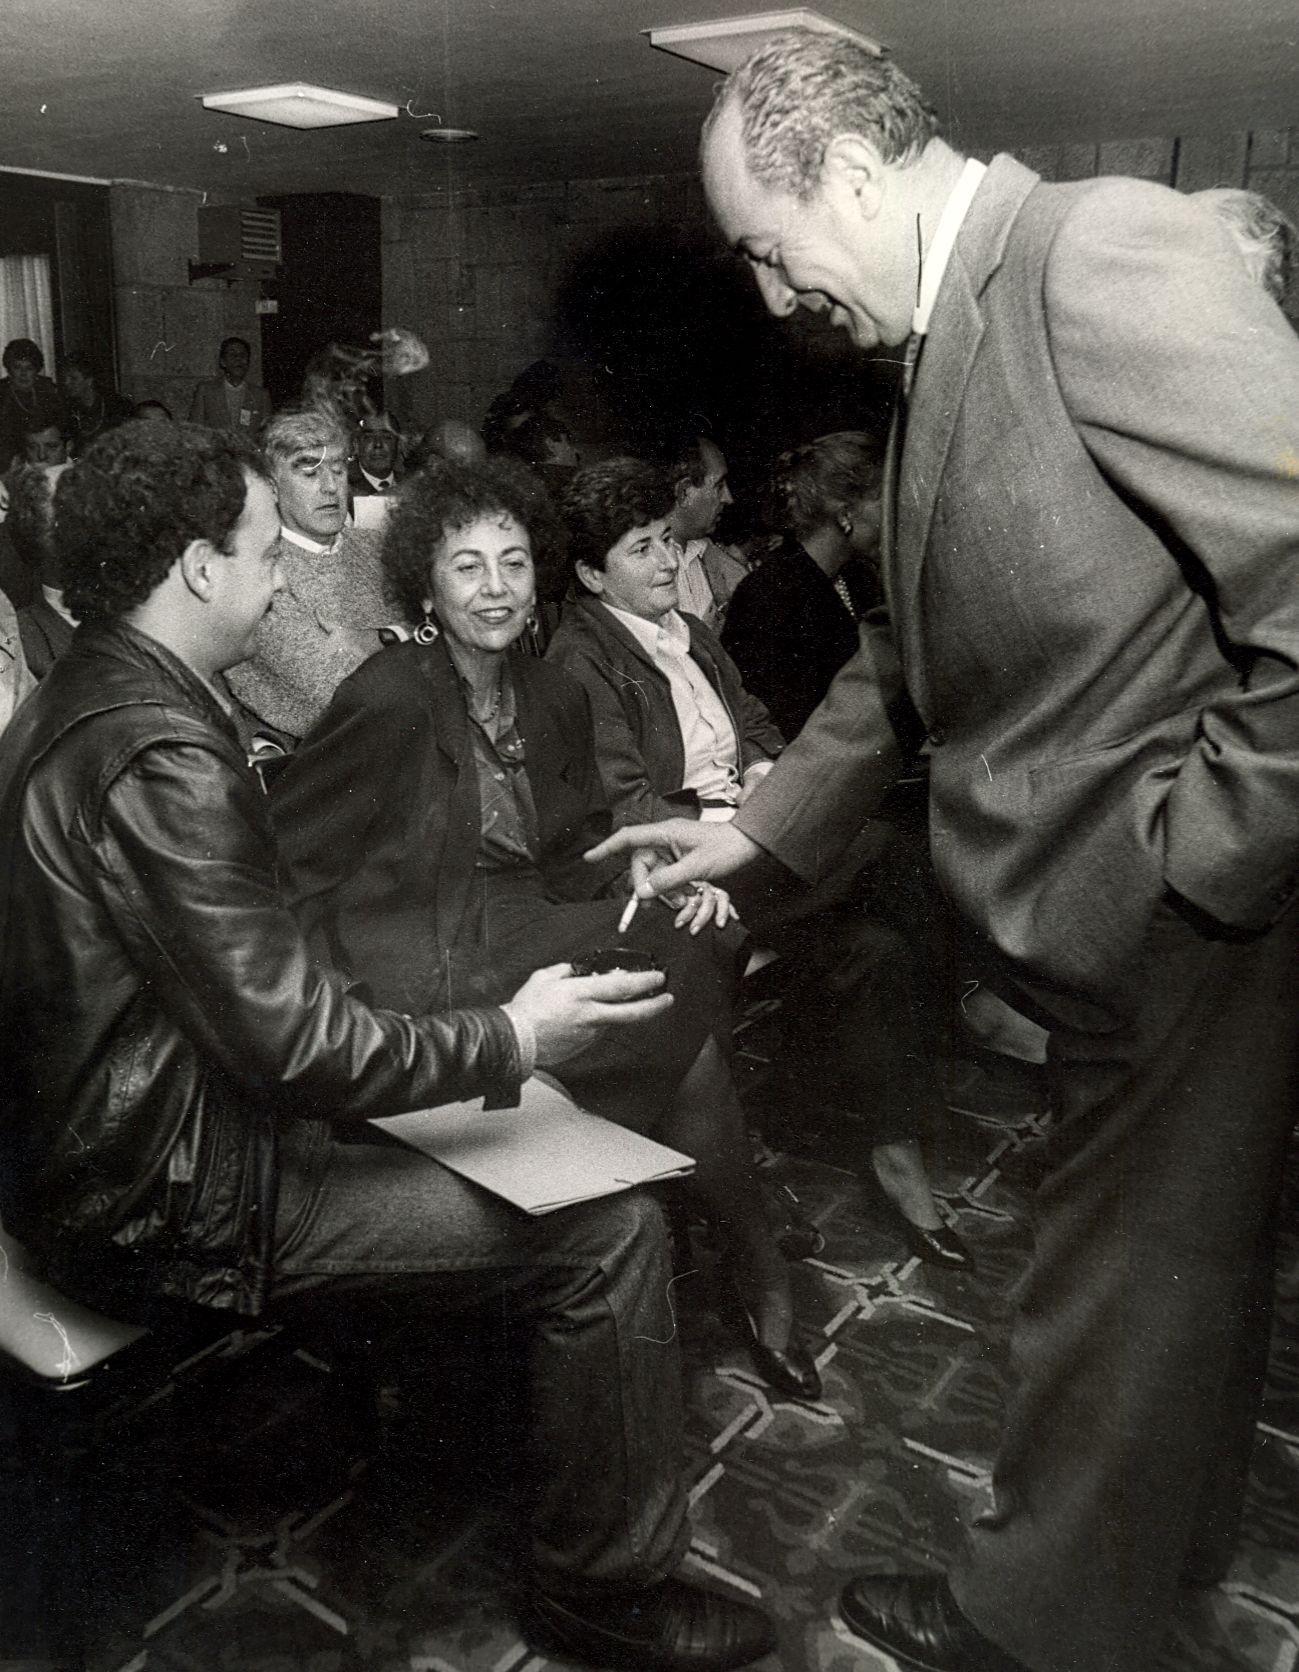 1986 - Congreso de Coalición Galega - Material cedido por El Correo Gallego.